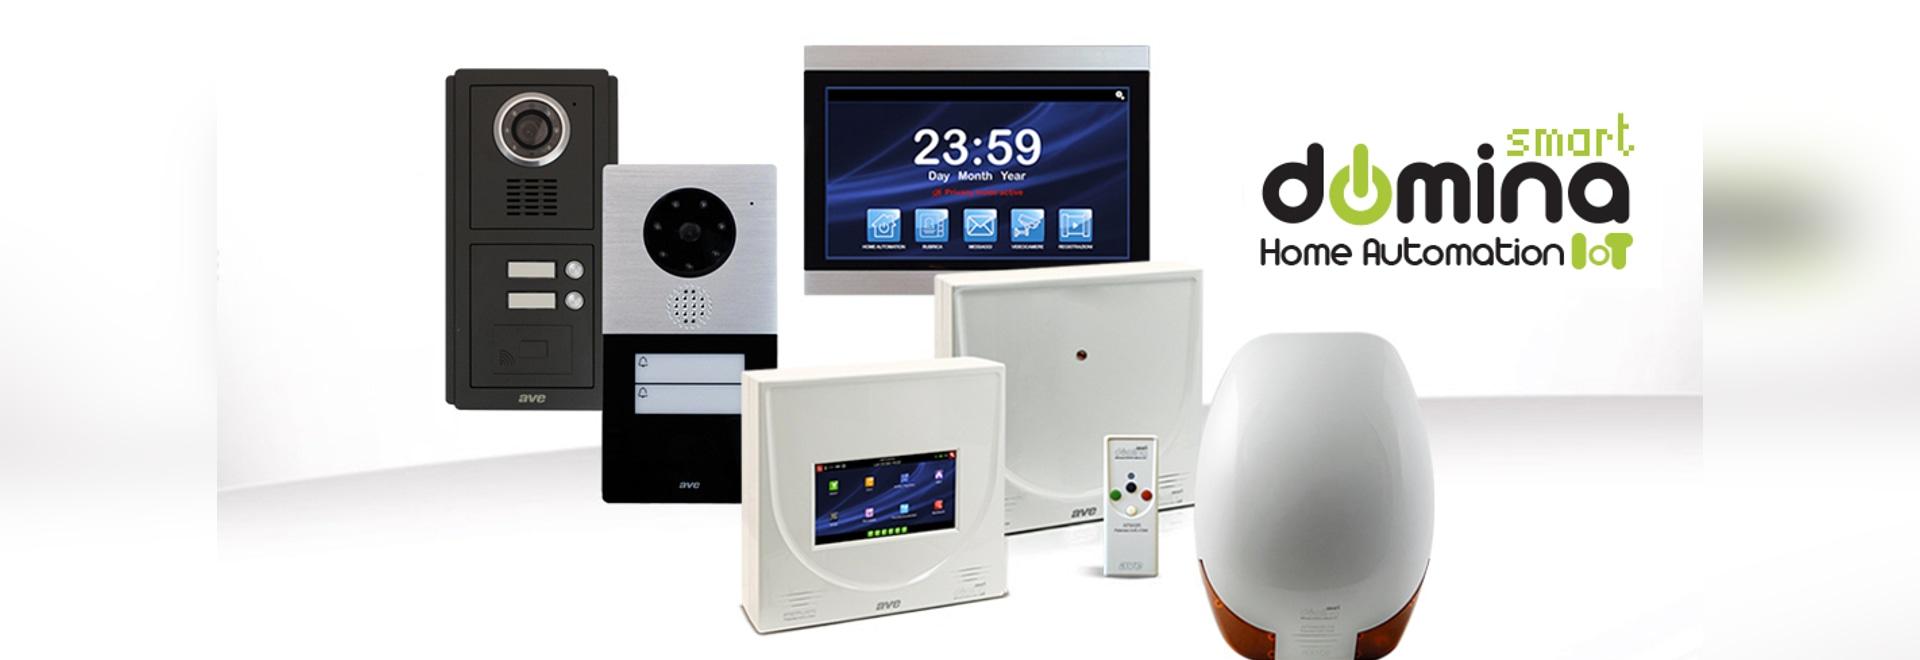 DOMINA Smart: antintrusione e videocitofonia, le grandi novità del sistema integrato AVE